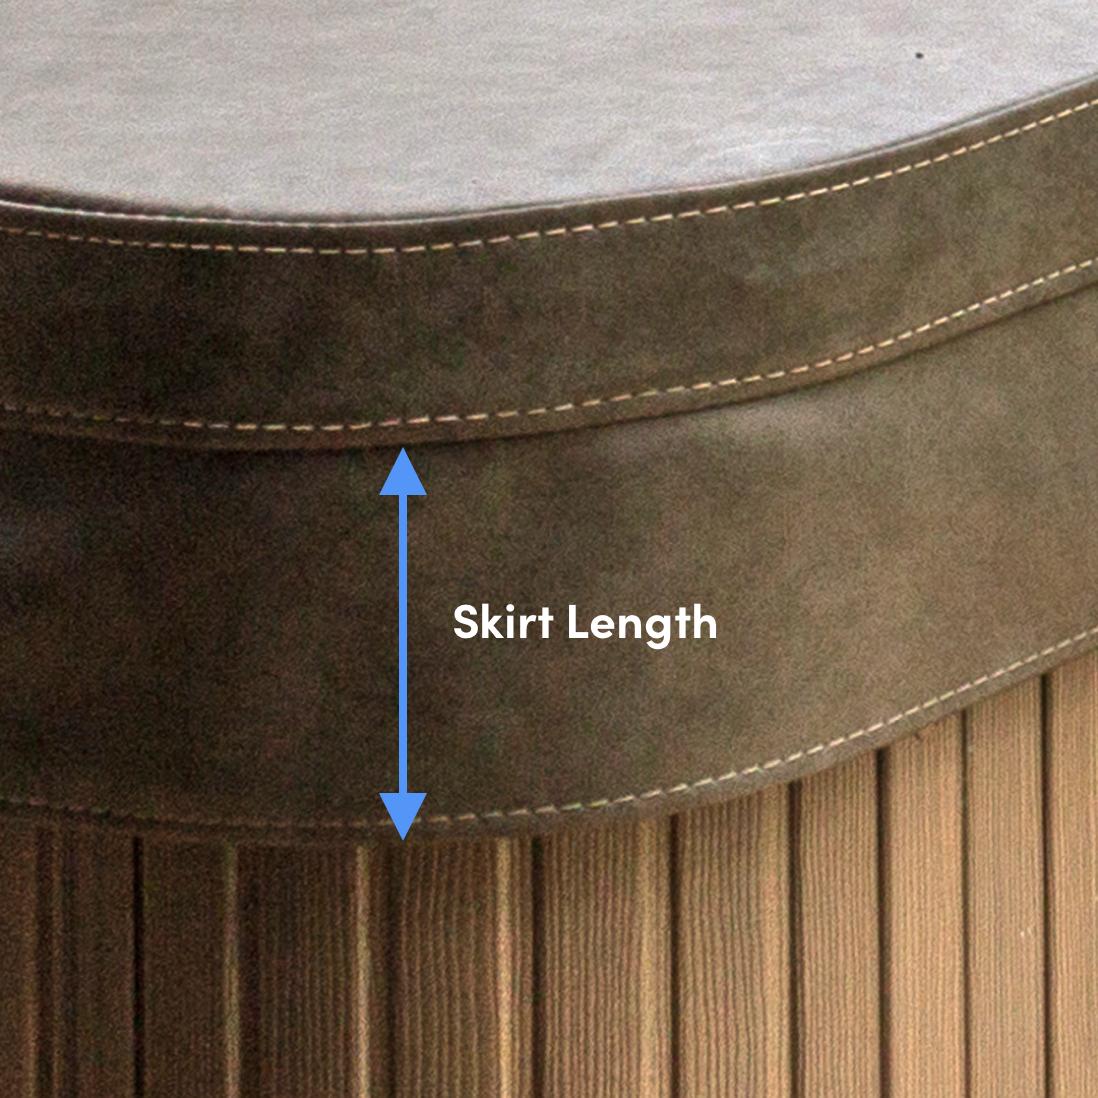 Measuring Hot Tub Cover Skirt Length